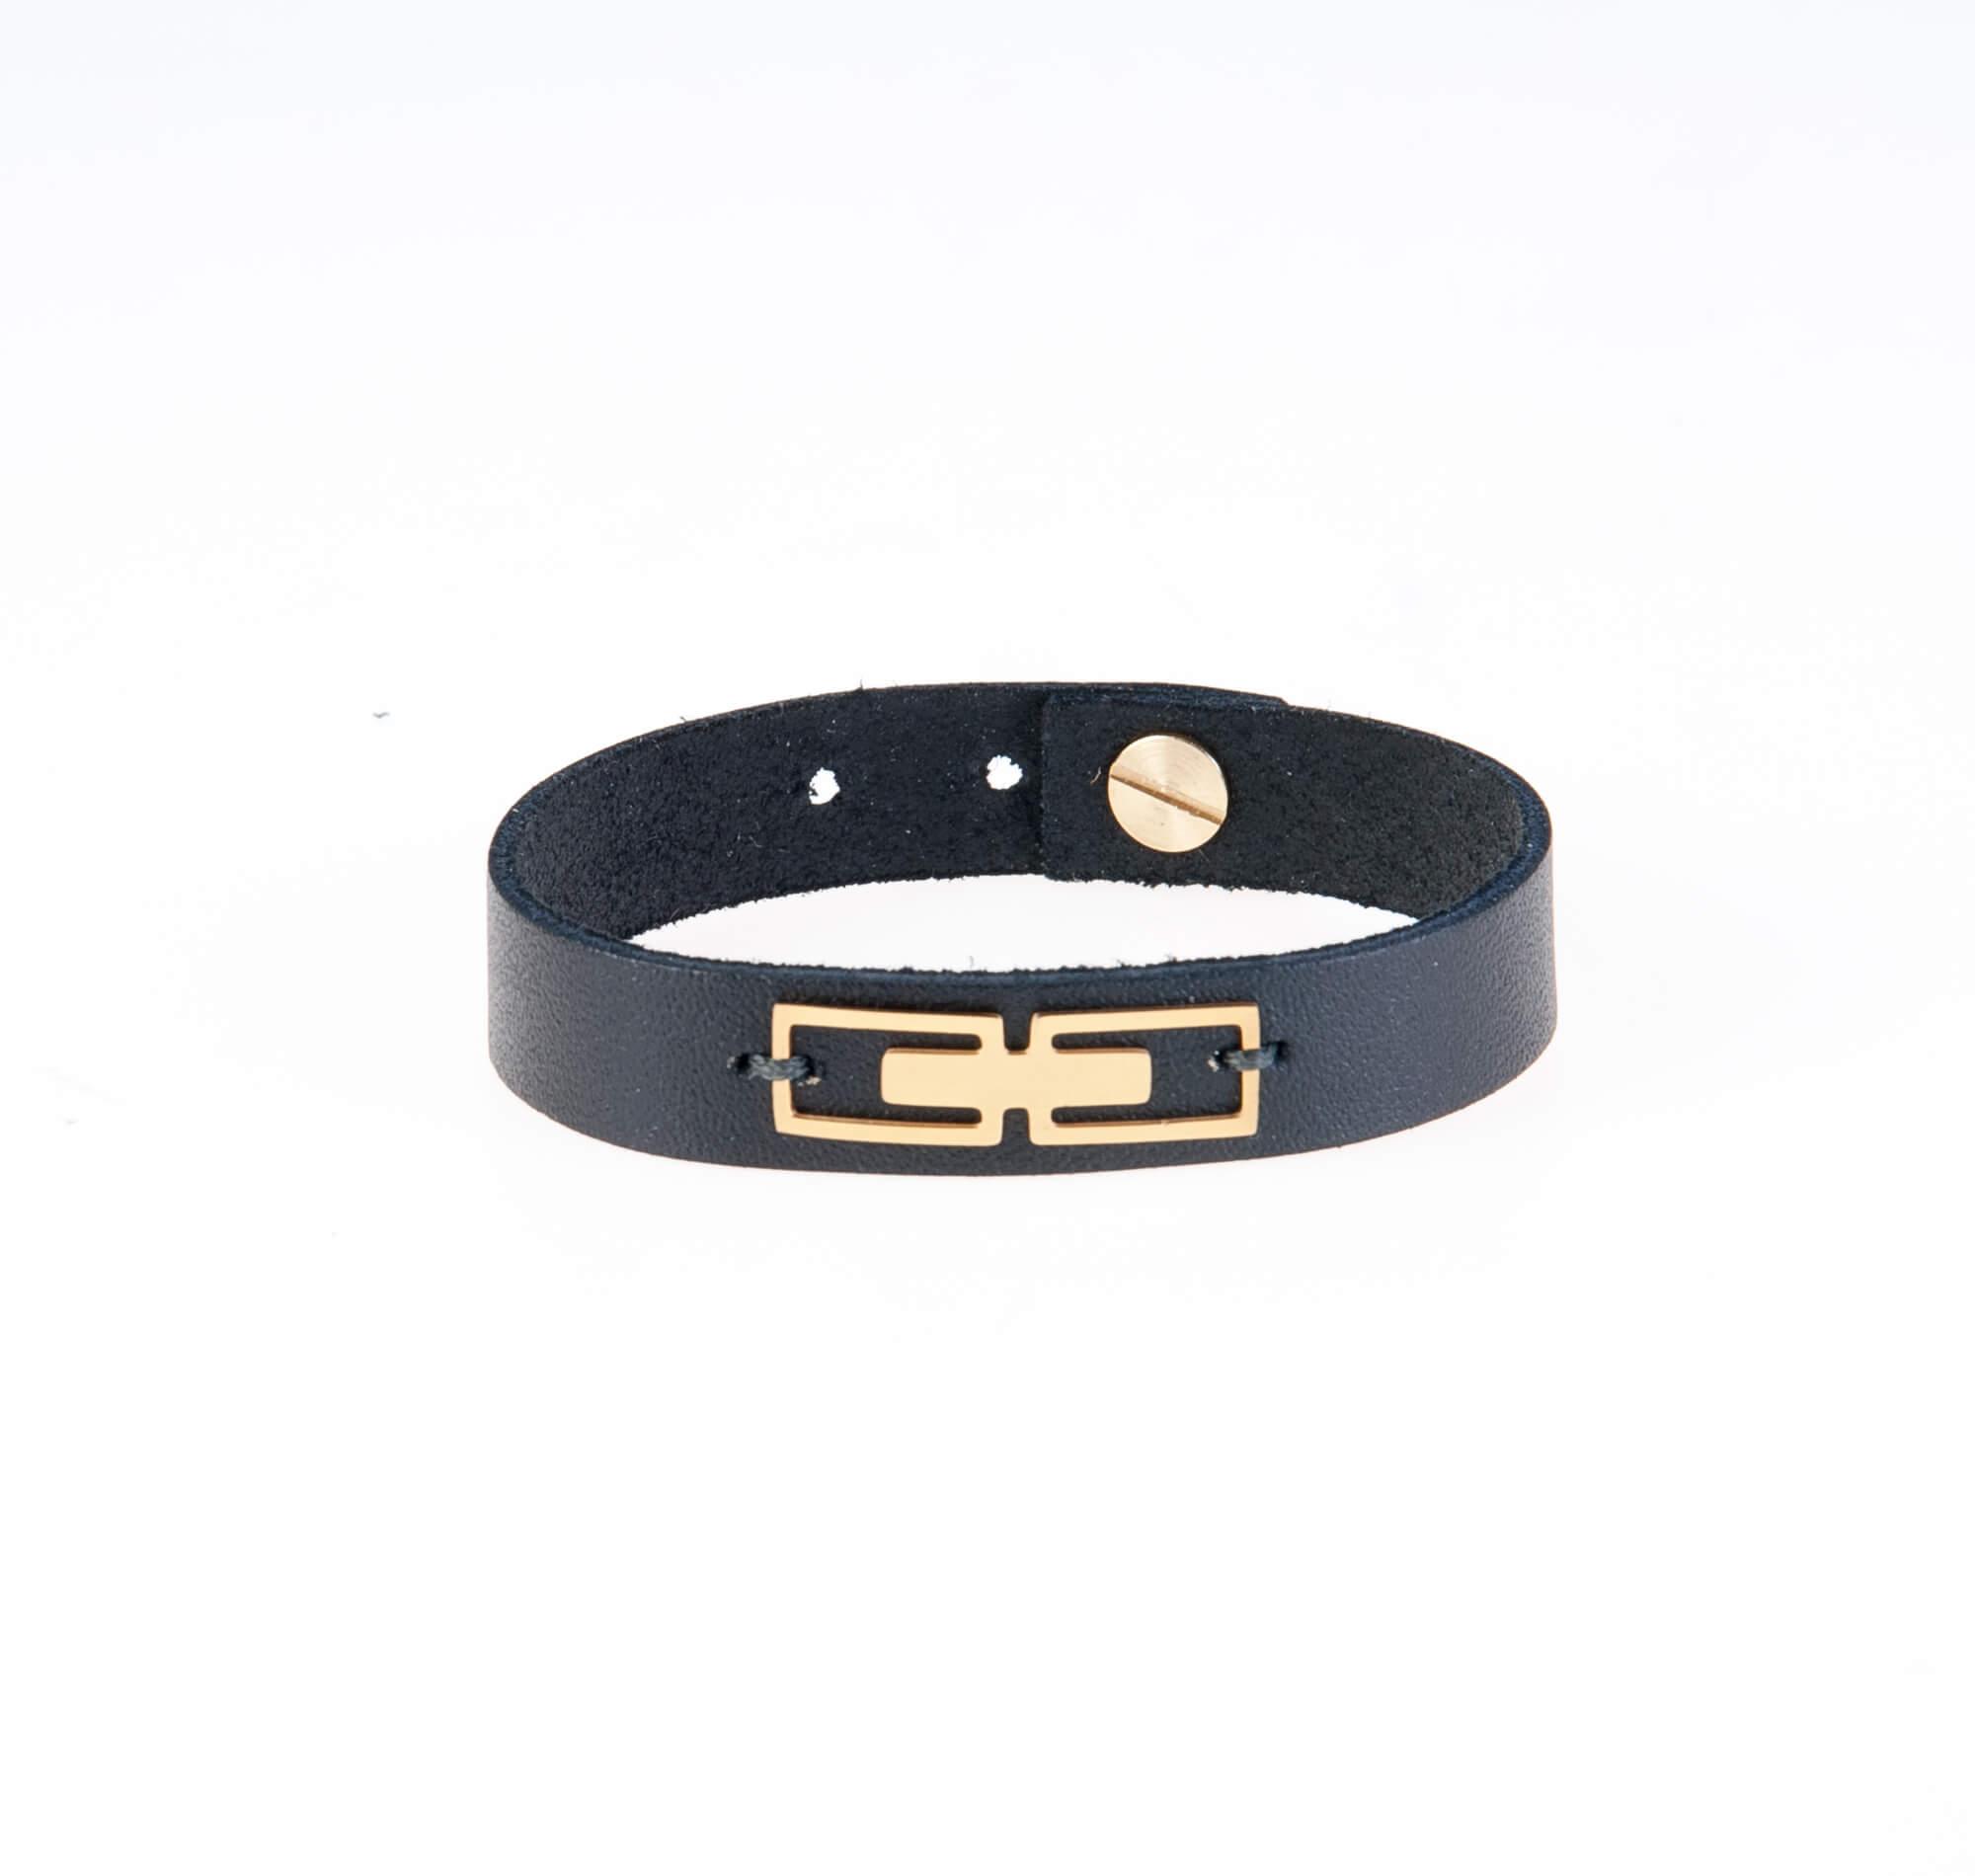 دستبند چرمی طلایی فلزی مردانه LM1016